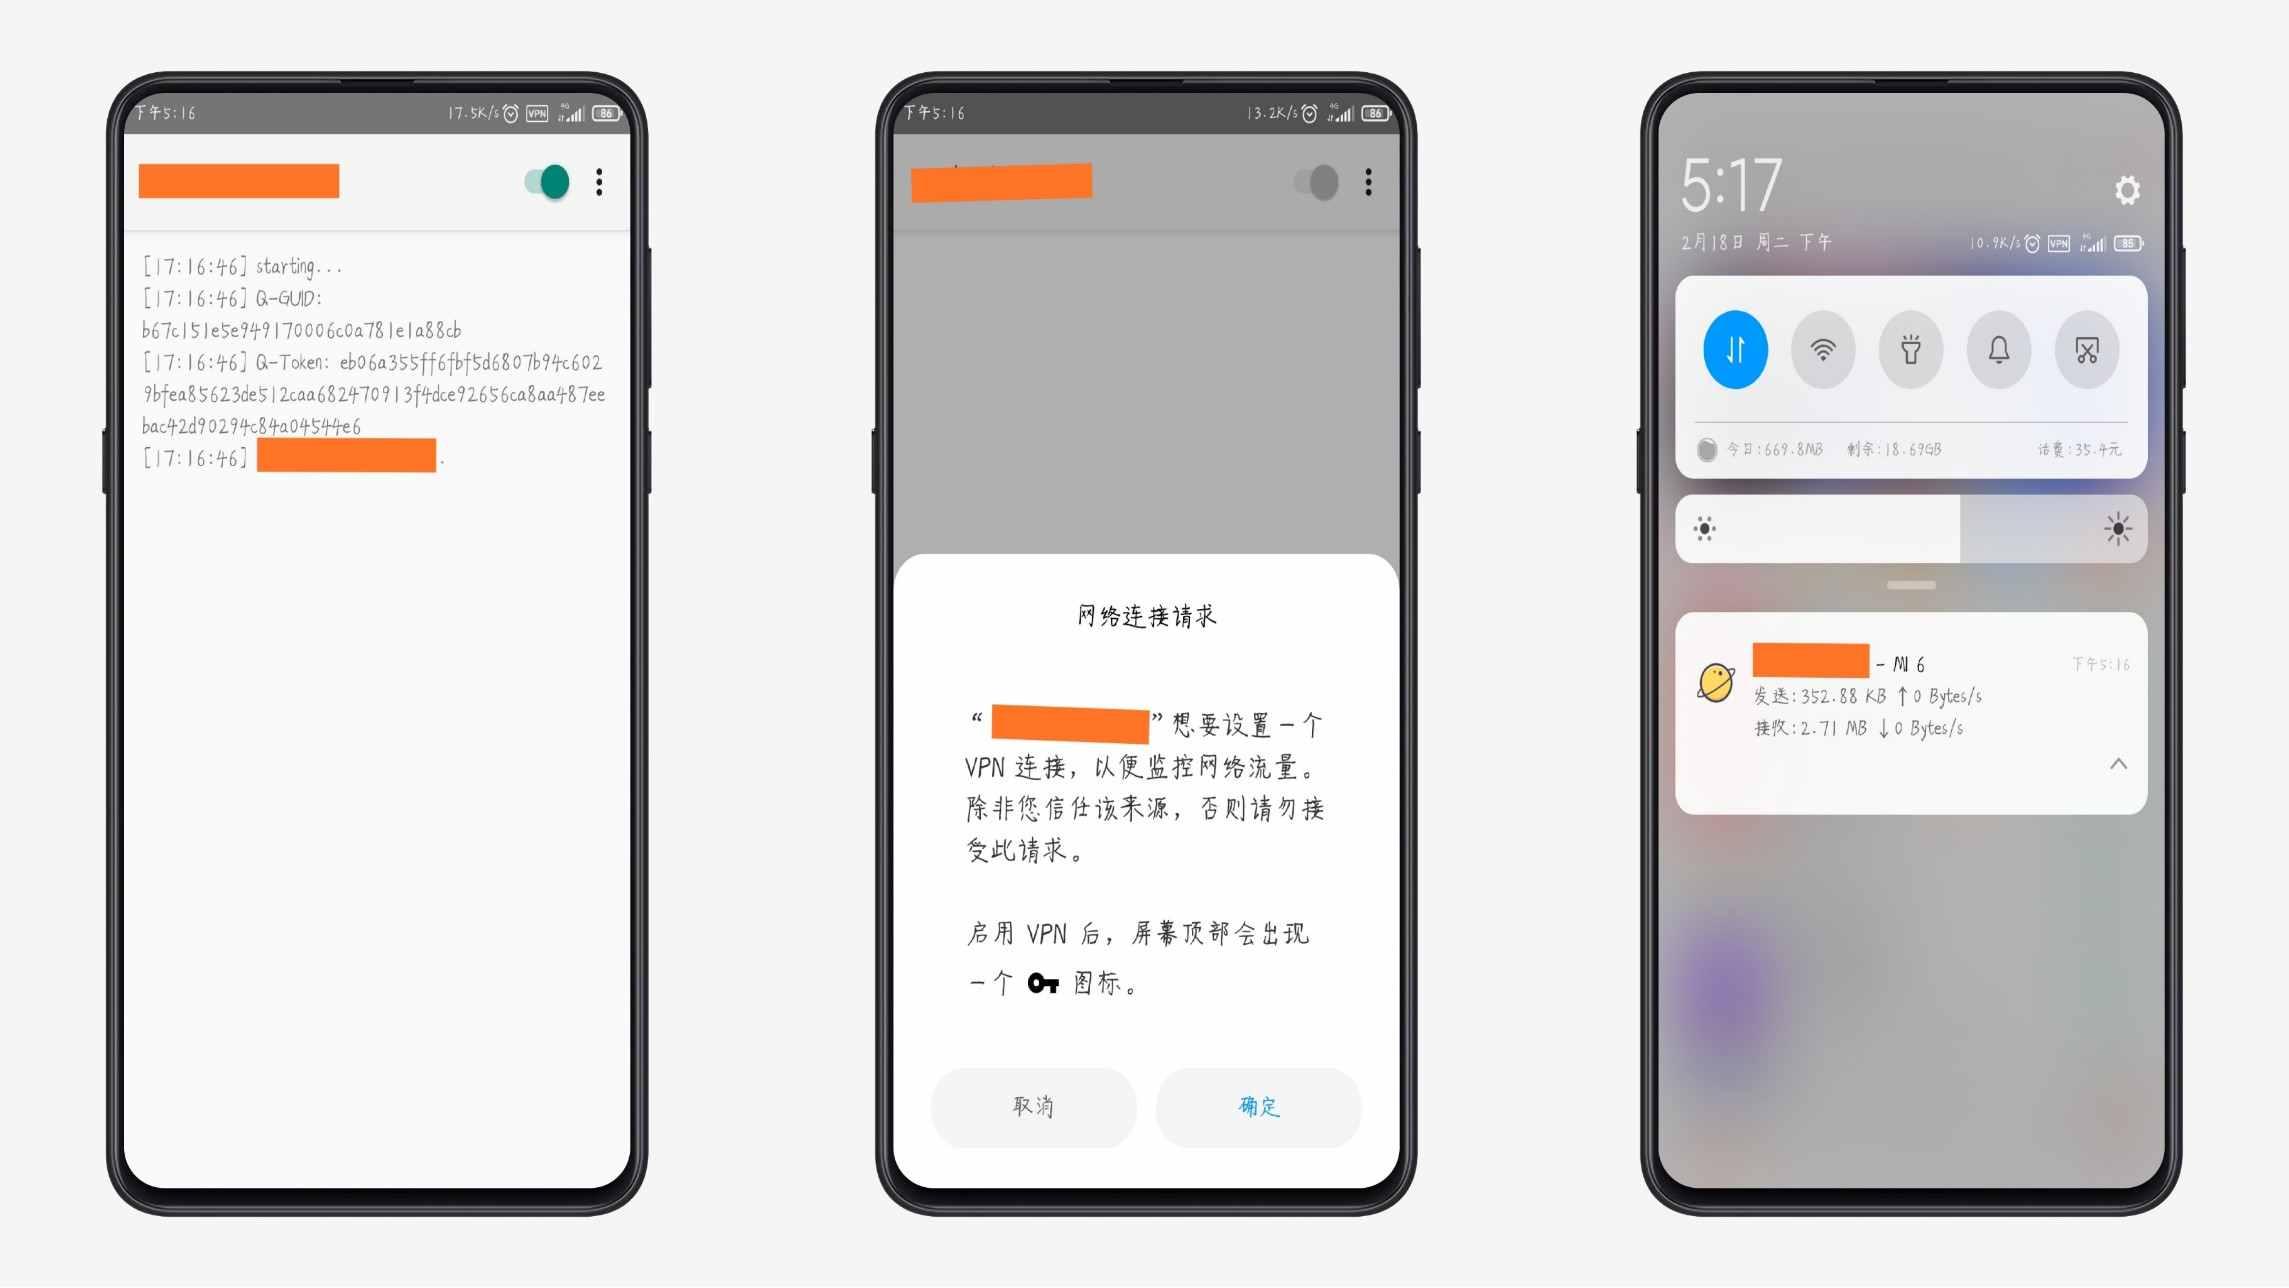 安卓王卡一键开启无限免流软件